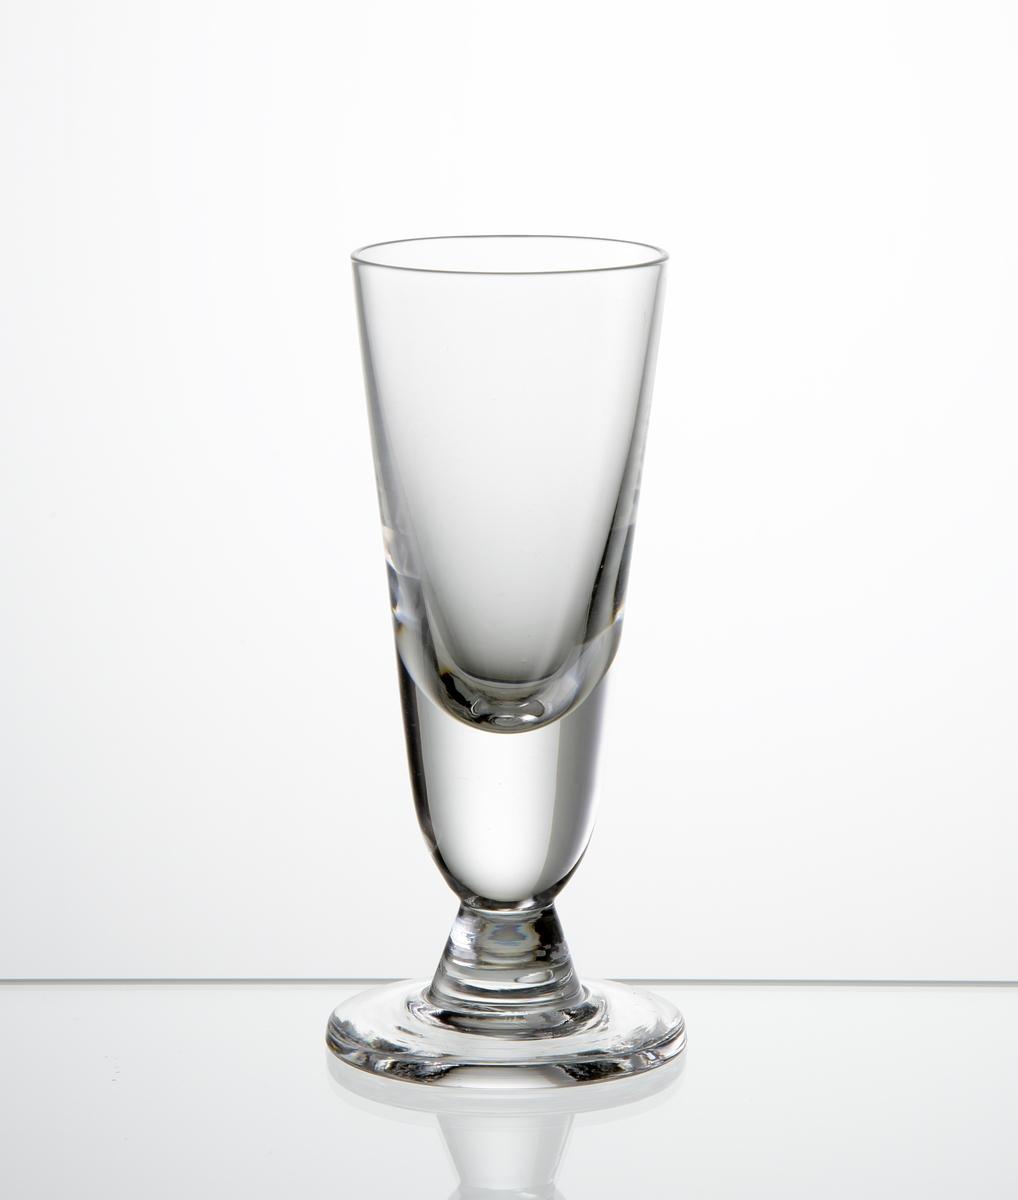 Brännvinsglas med lätt konande form med kort ben på fot.